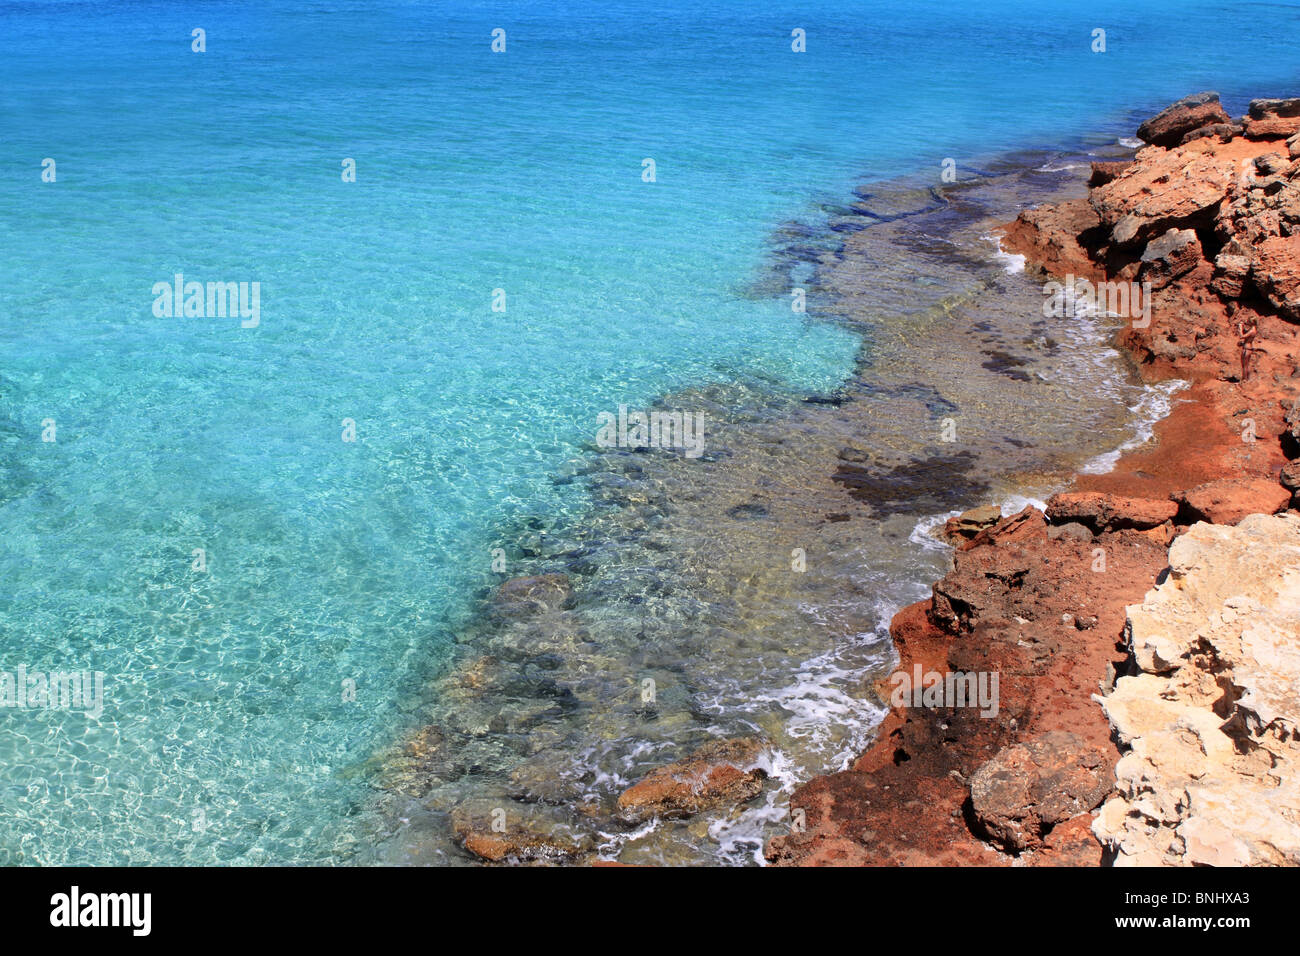 Formentera Cala Saona mediterranean best beaches Balearic Islands Stock Photo